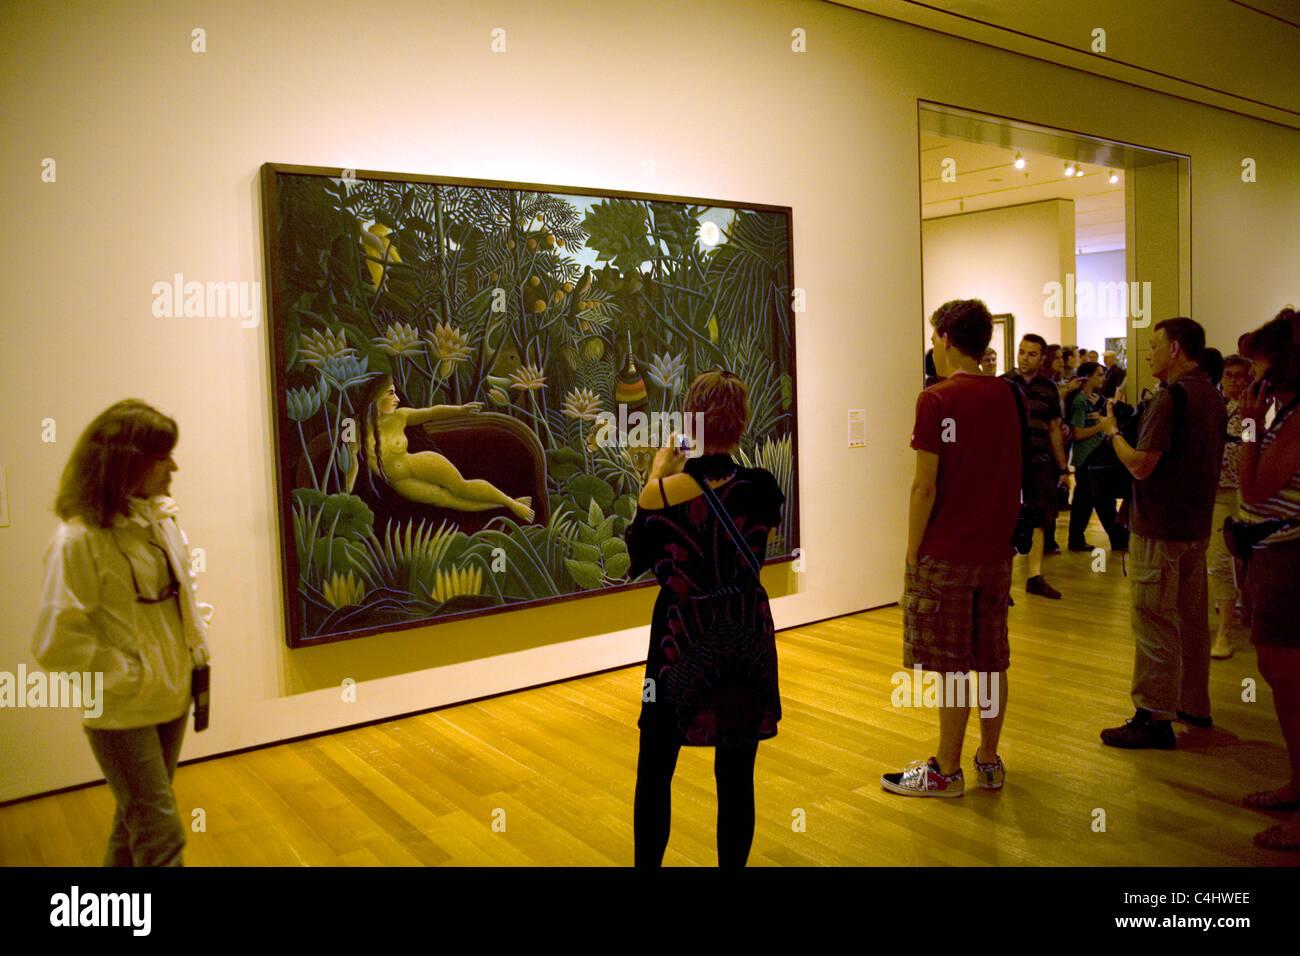 Arresto di visitatori dalla magica Henry Rousseau pittura, 'Il Sogno' presso il Museo di Arte Moderna di Immagini Stock